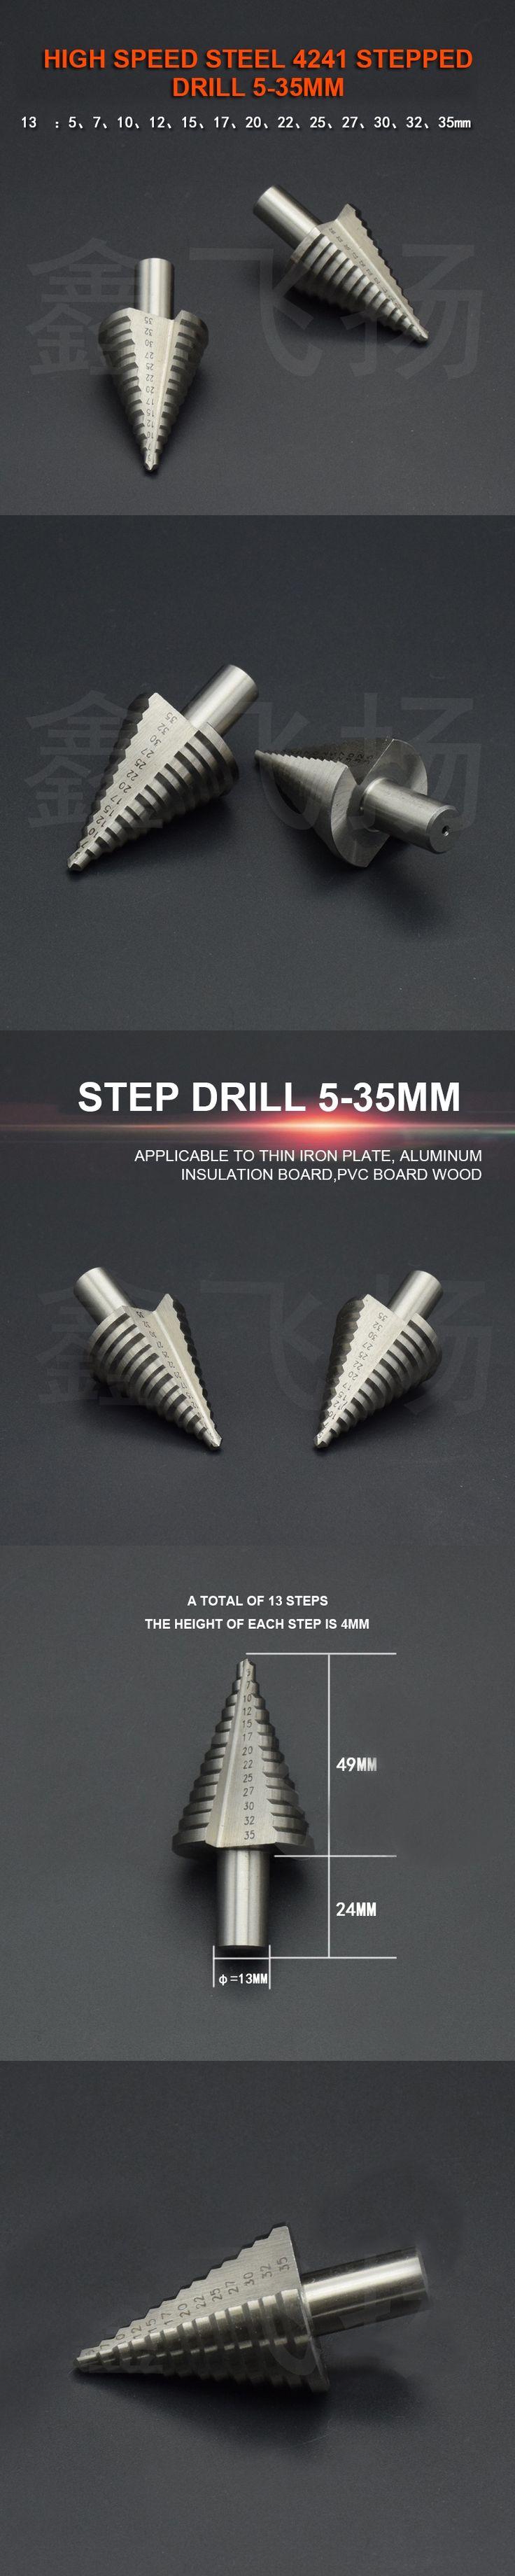 1Pcs Step Drills Taper Power Tools 3-35mm Step Drill Bit Metal HSS Steel Cone Step Drill Sharpening Hole Countersink Tools